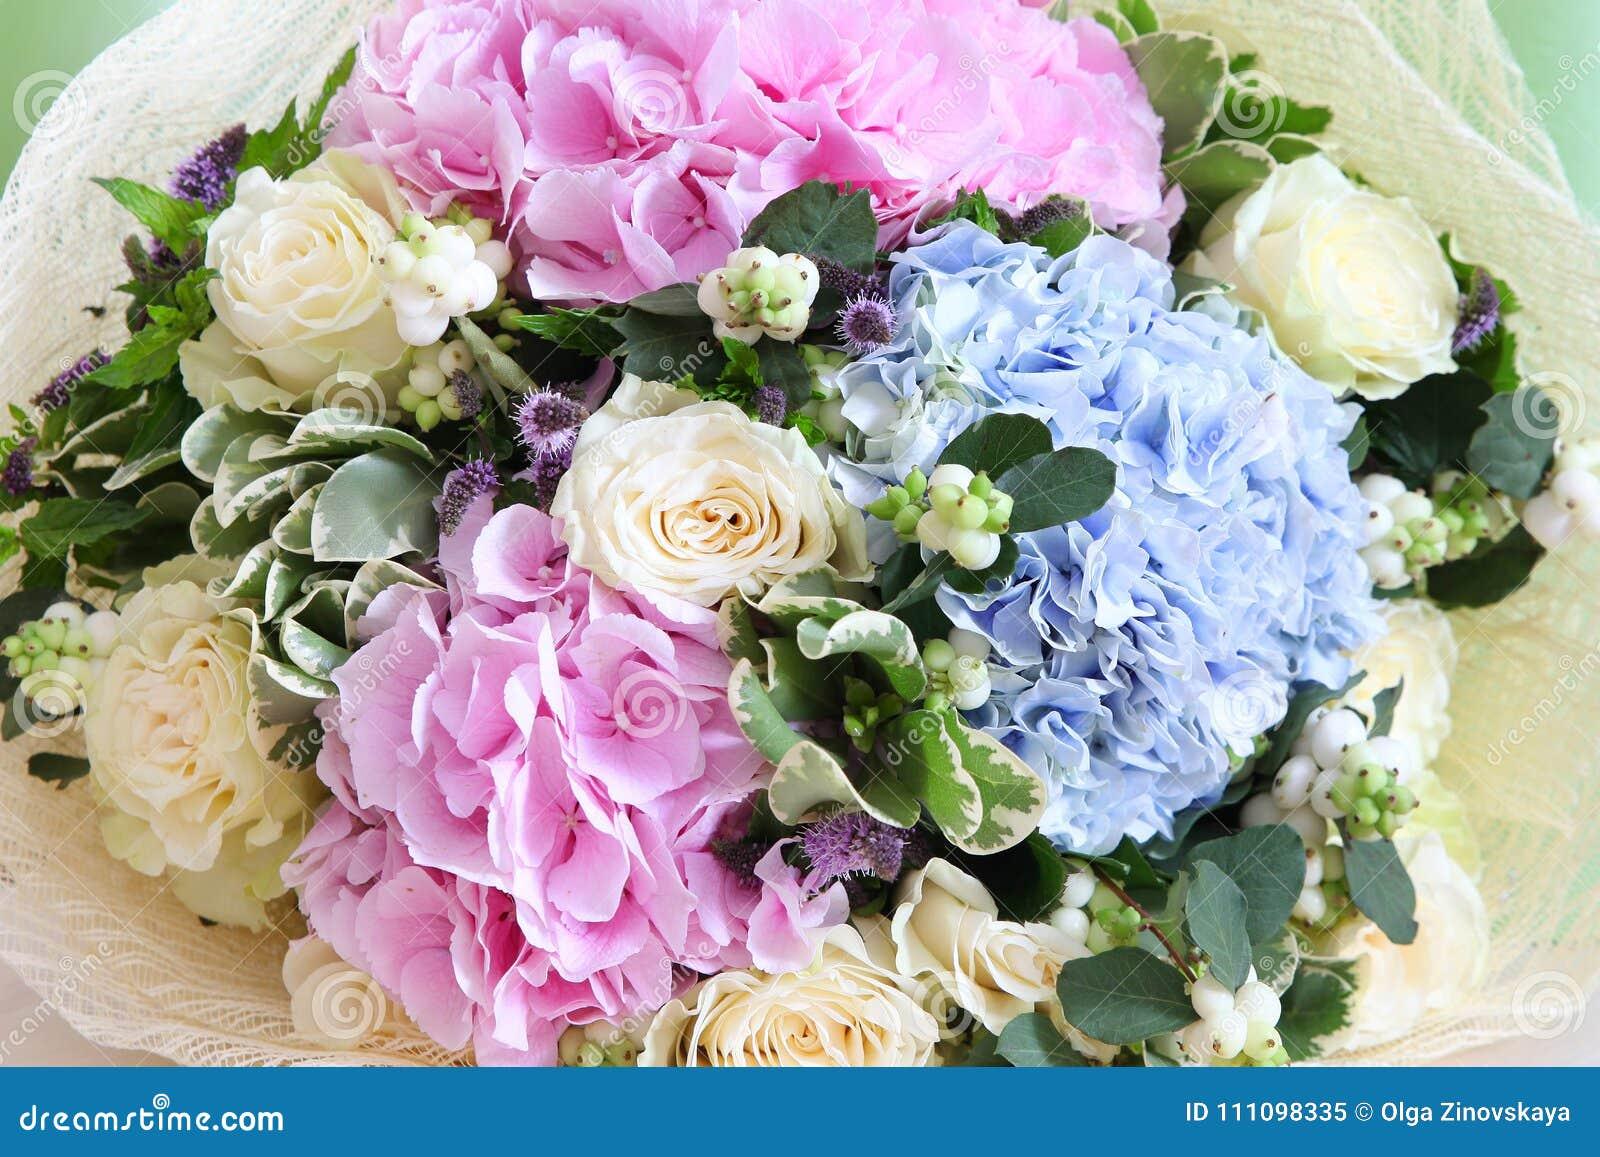 Mazzo Di Fiori Con Ortensie.Bello Mazzo Dei Fiori Con Le Rose E Le Ortensie Immagine Stock